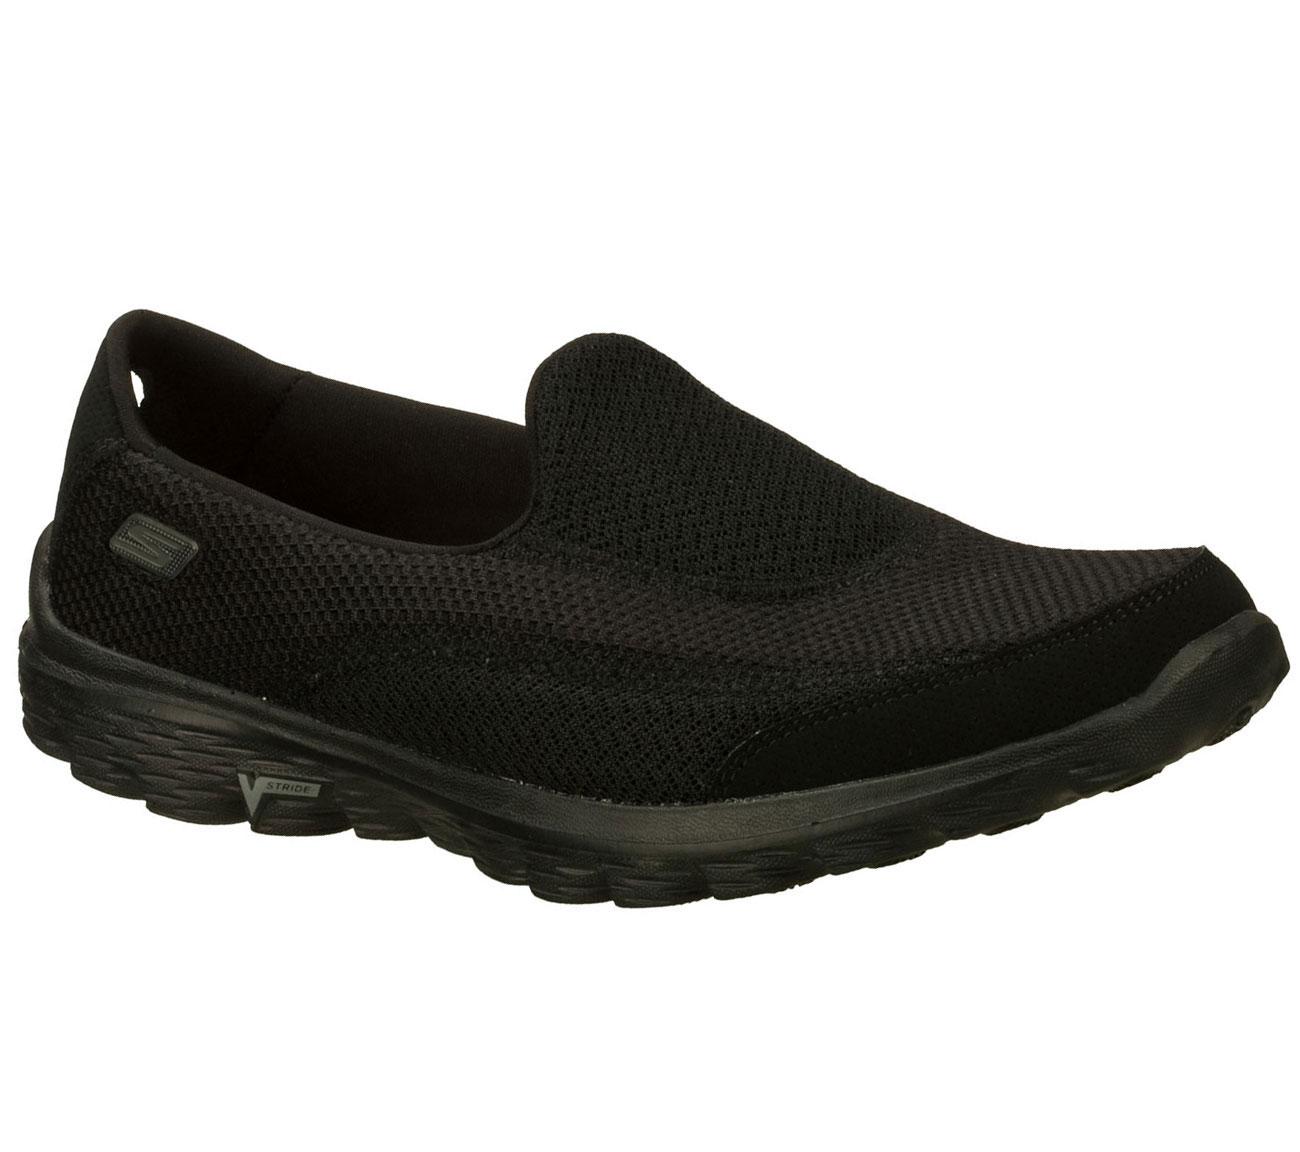 Womens Dress Shoes Size 11 Ww